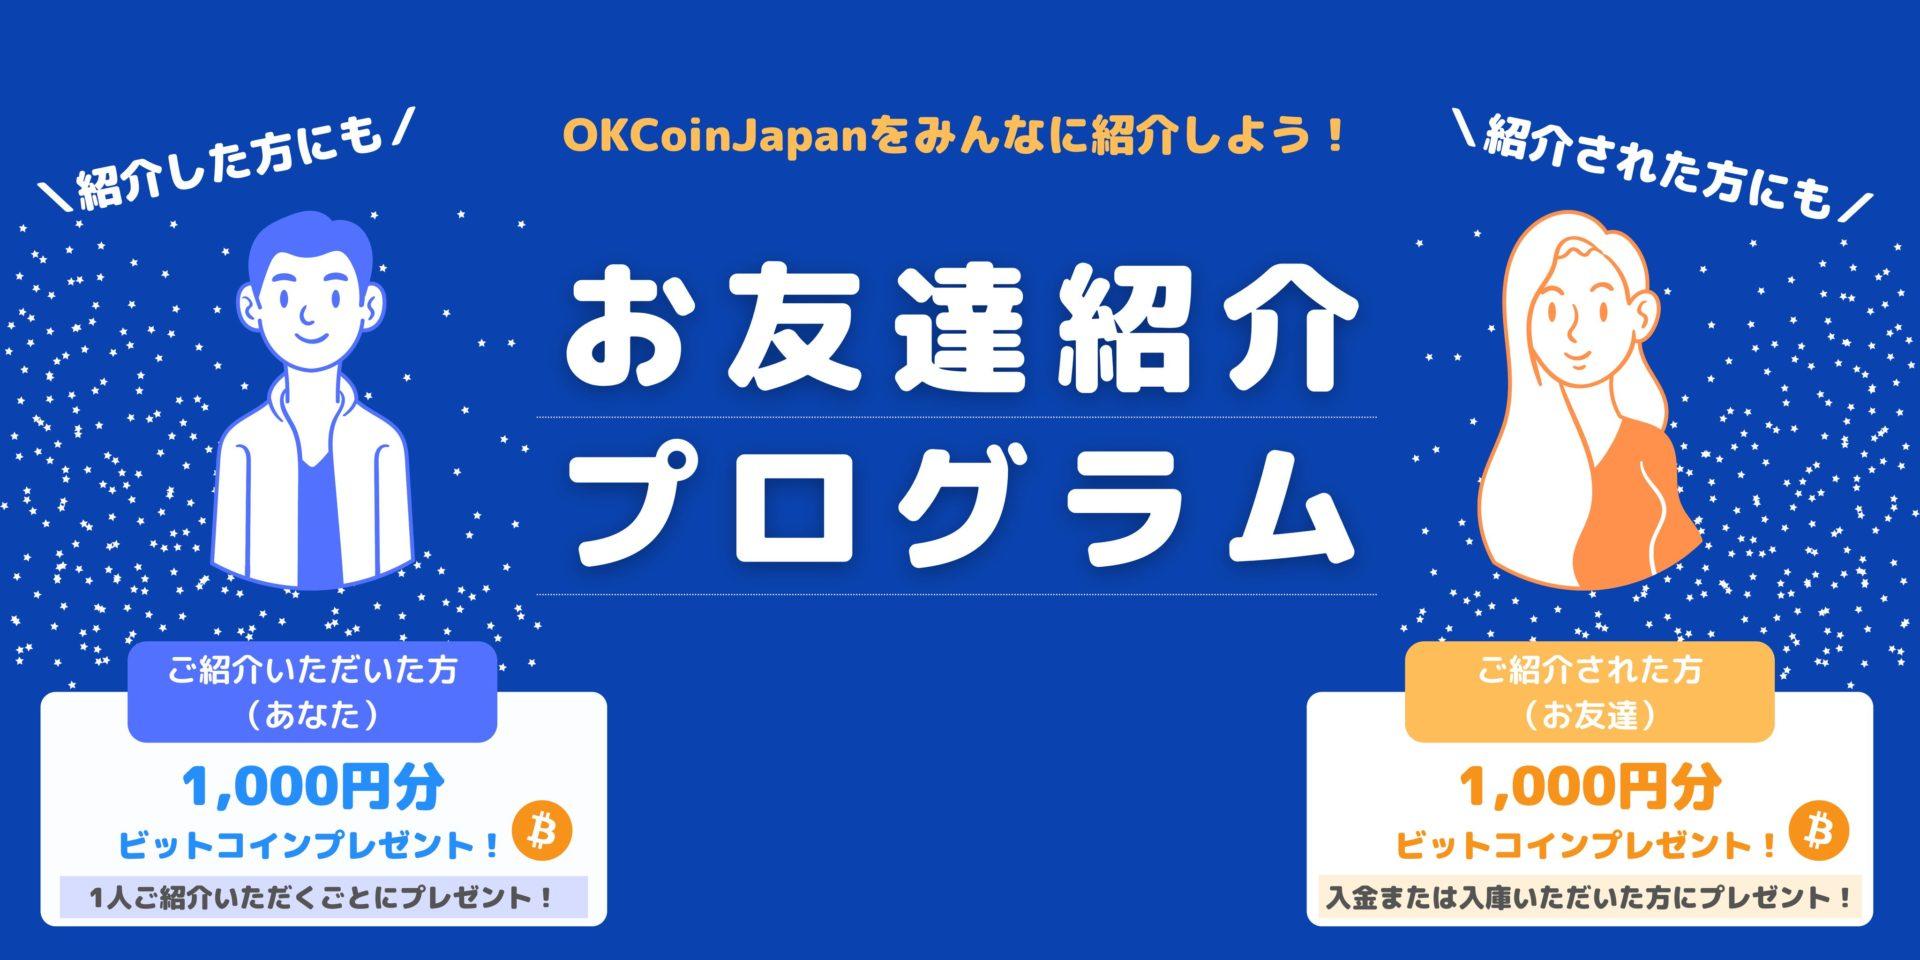 オーケーコイン・ジャパンが「【二人とも1,000円分もらえる】お友達紹介プログラム」をスタート!